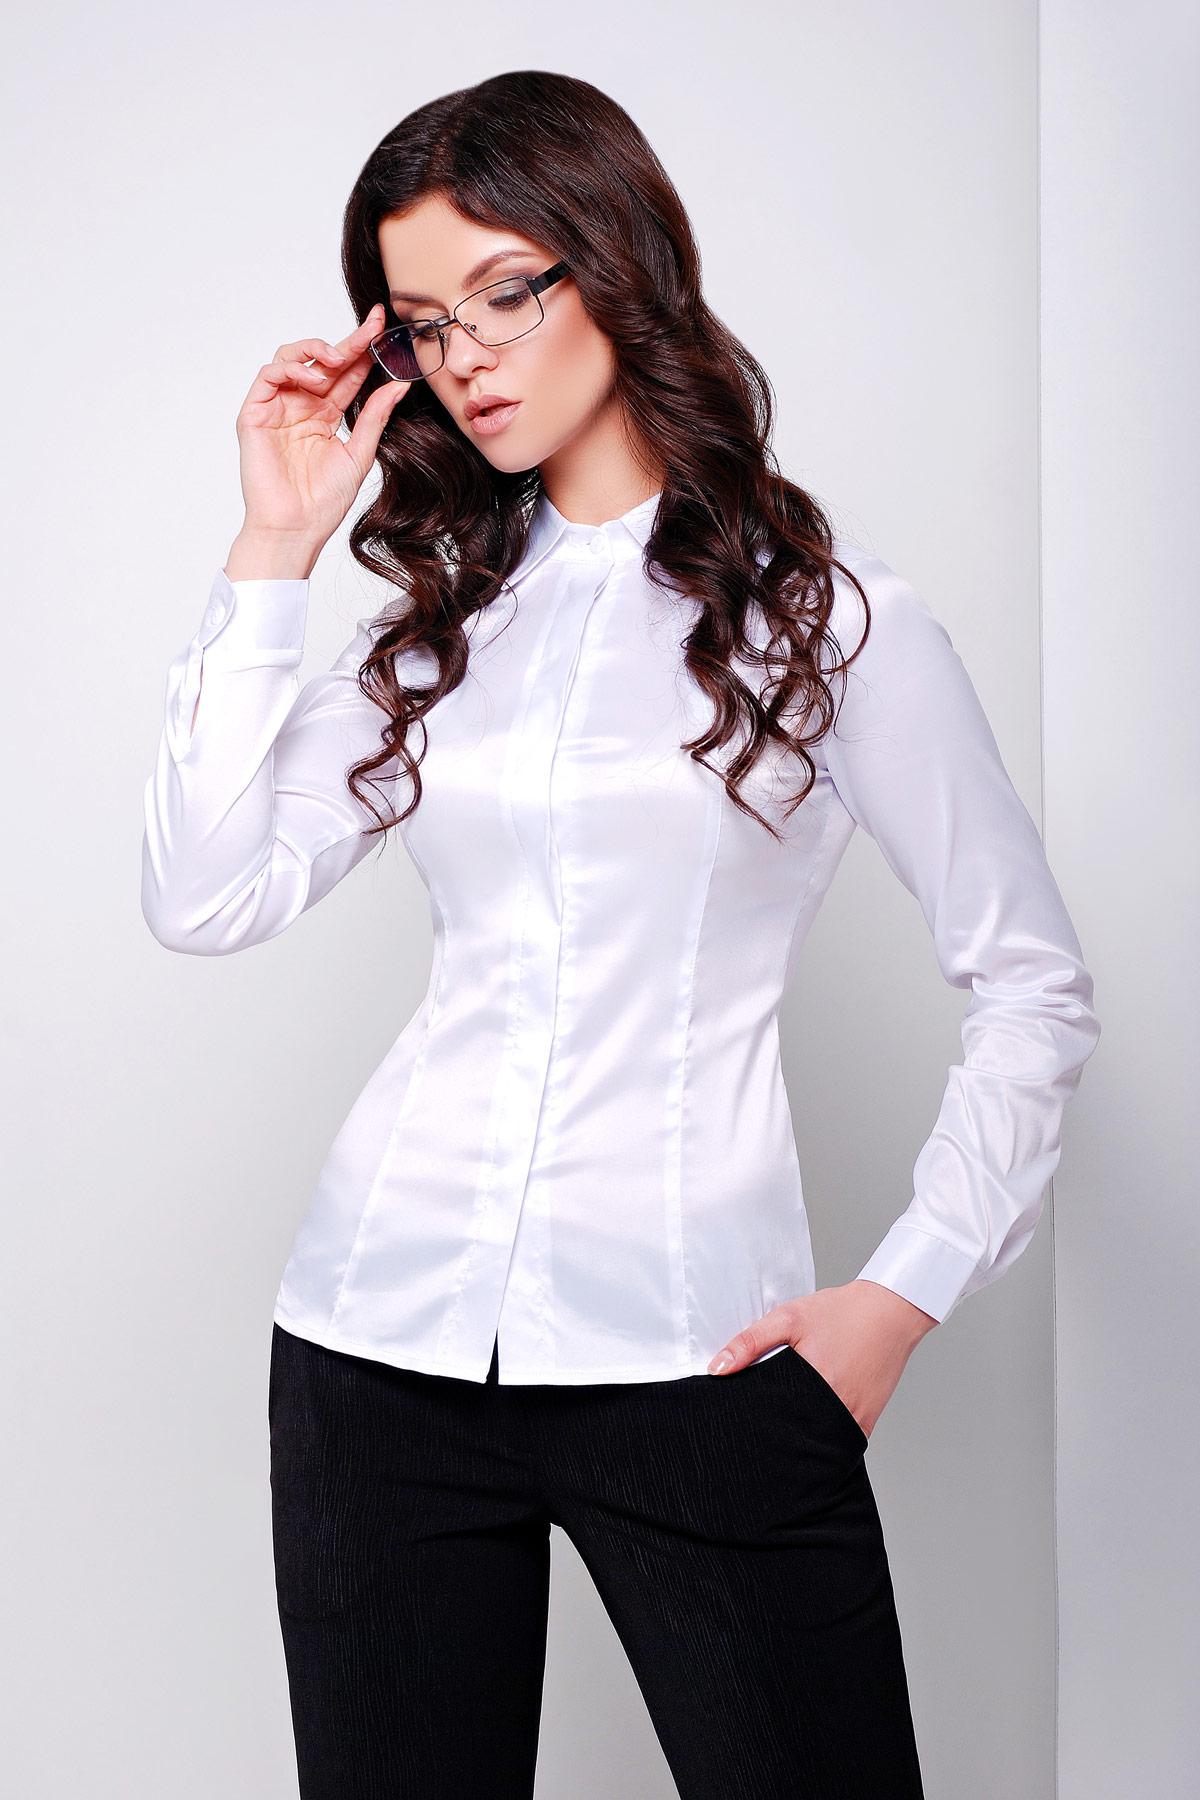 Женская классическая блузка купить